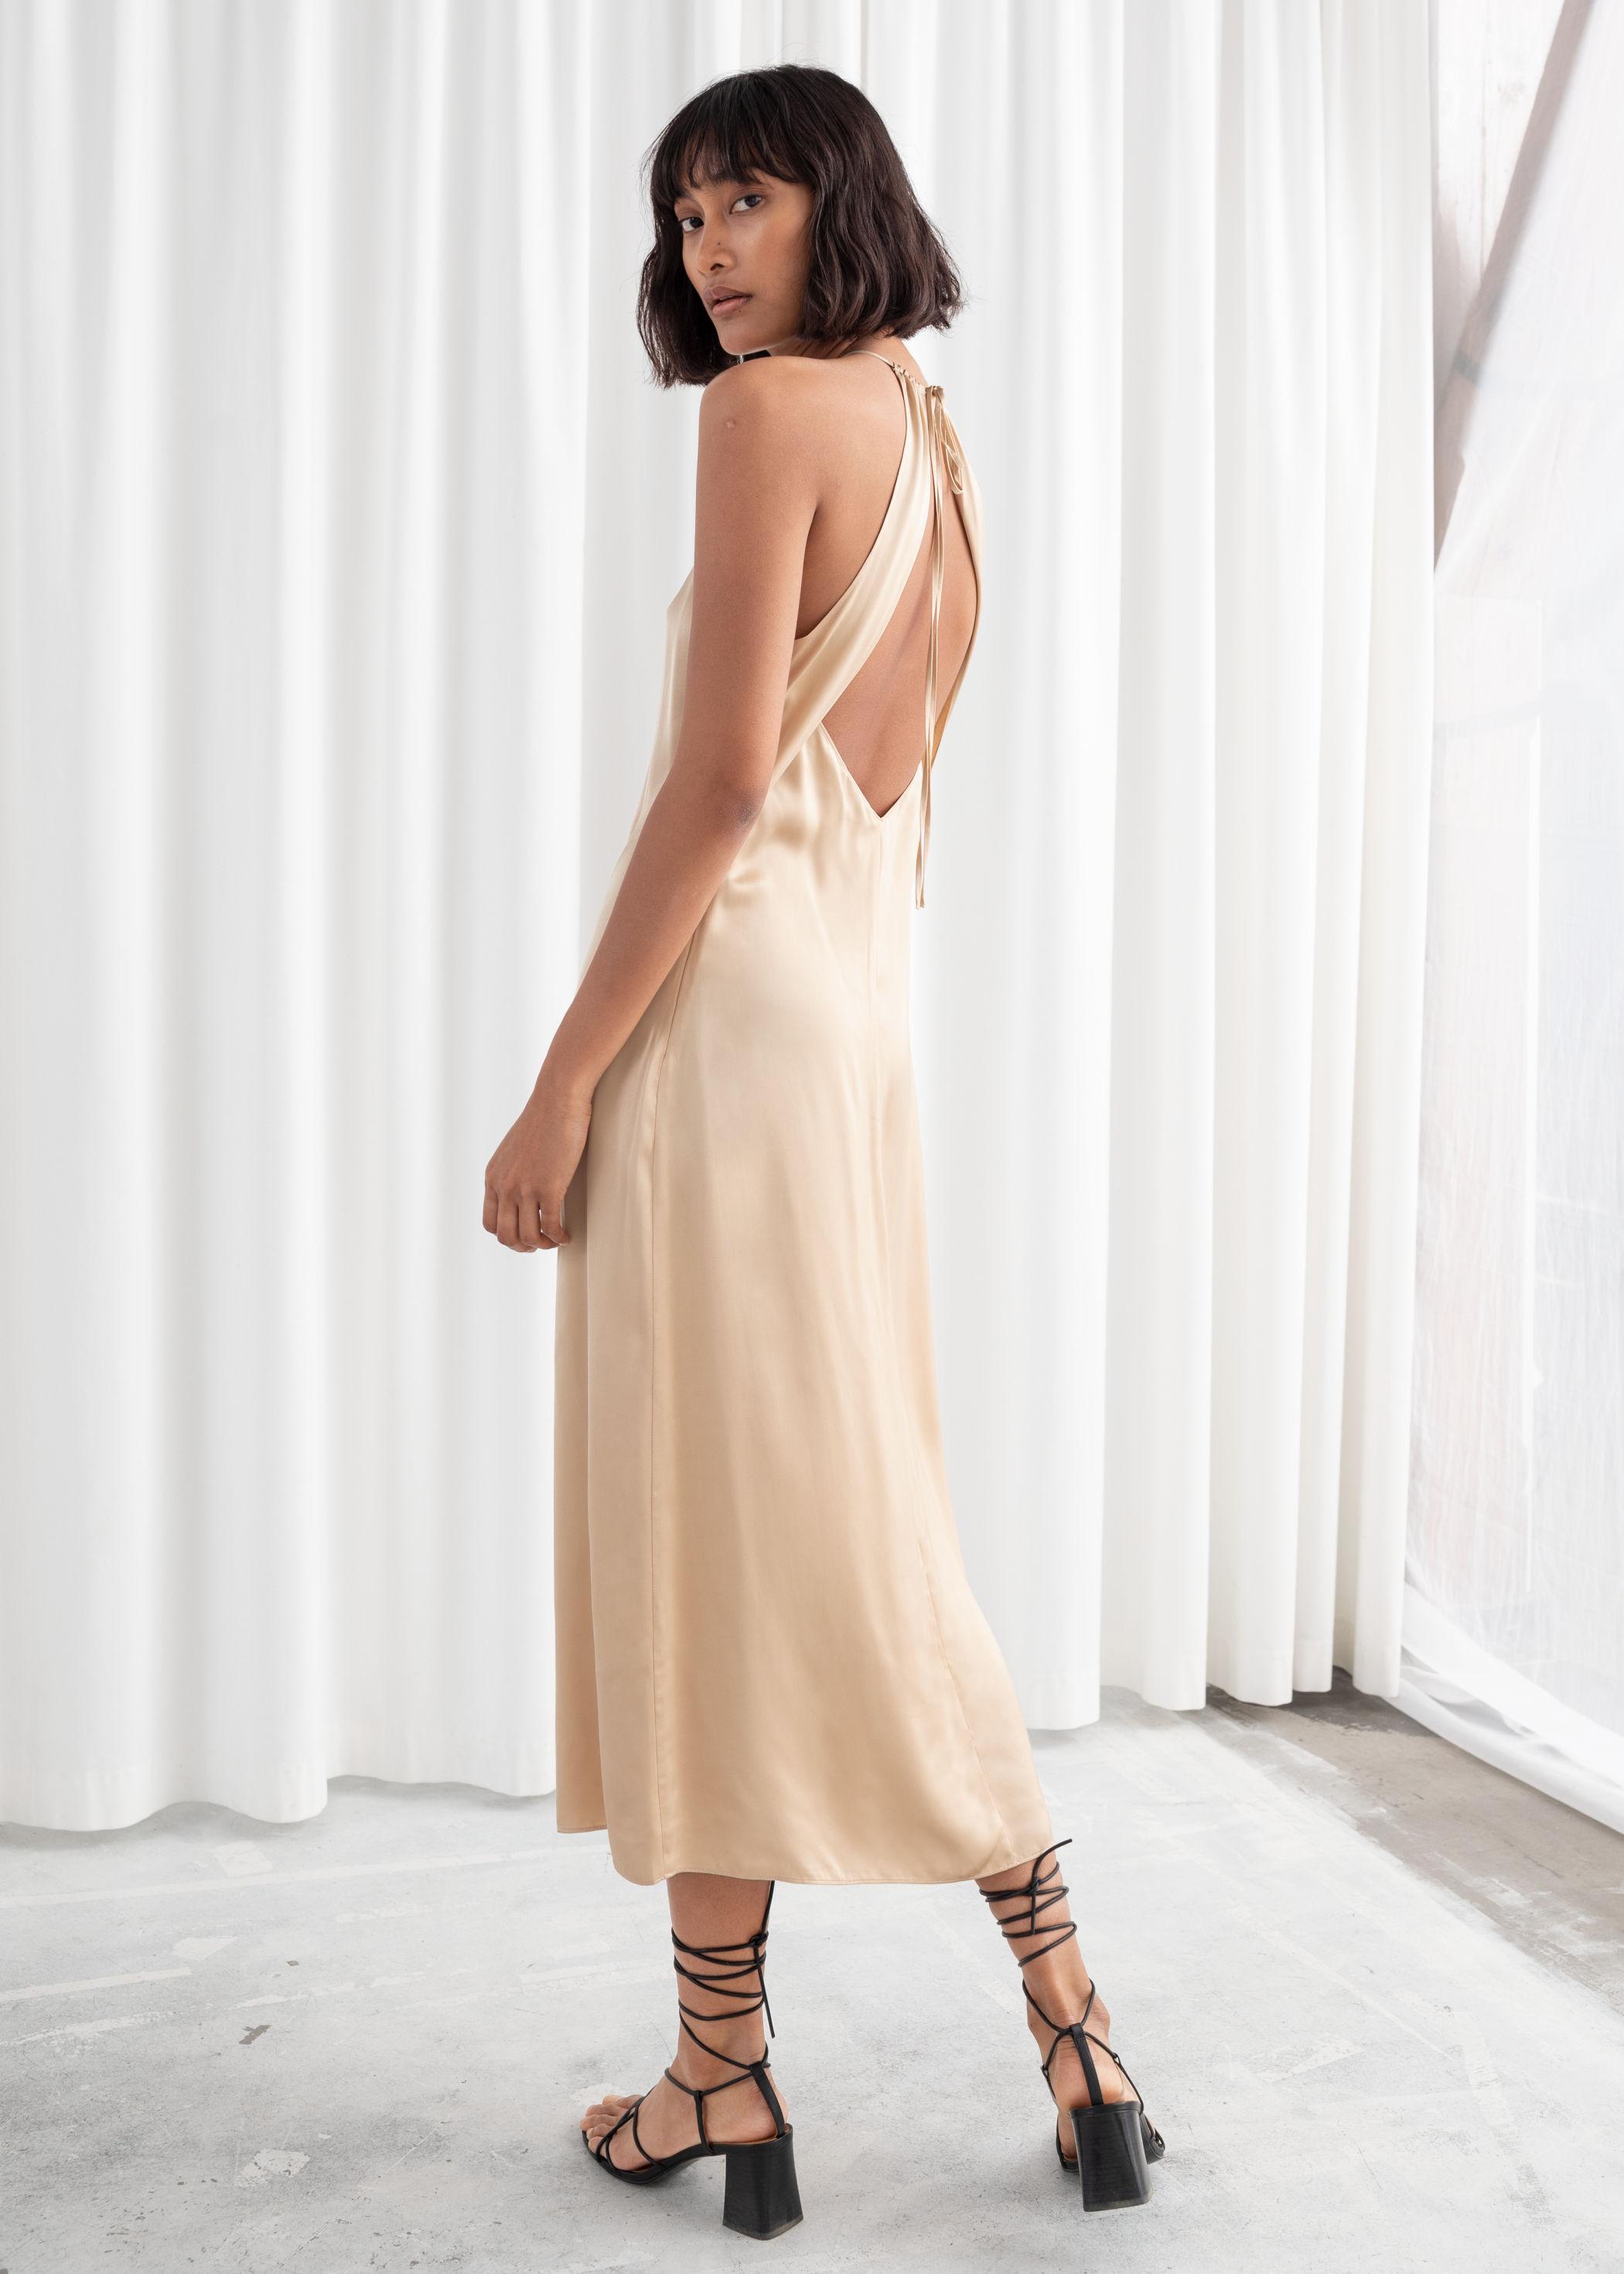 415b67d5f2b8 Allt klär en klassisk skönhet som dig, men kanske är de mest klassiska  klänningarna som klär dig allra bäst. Du matchar denna guldfärgade  satinklänning från ...